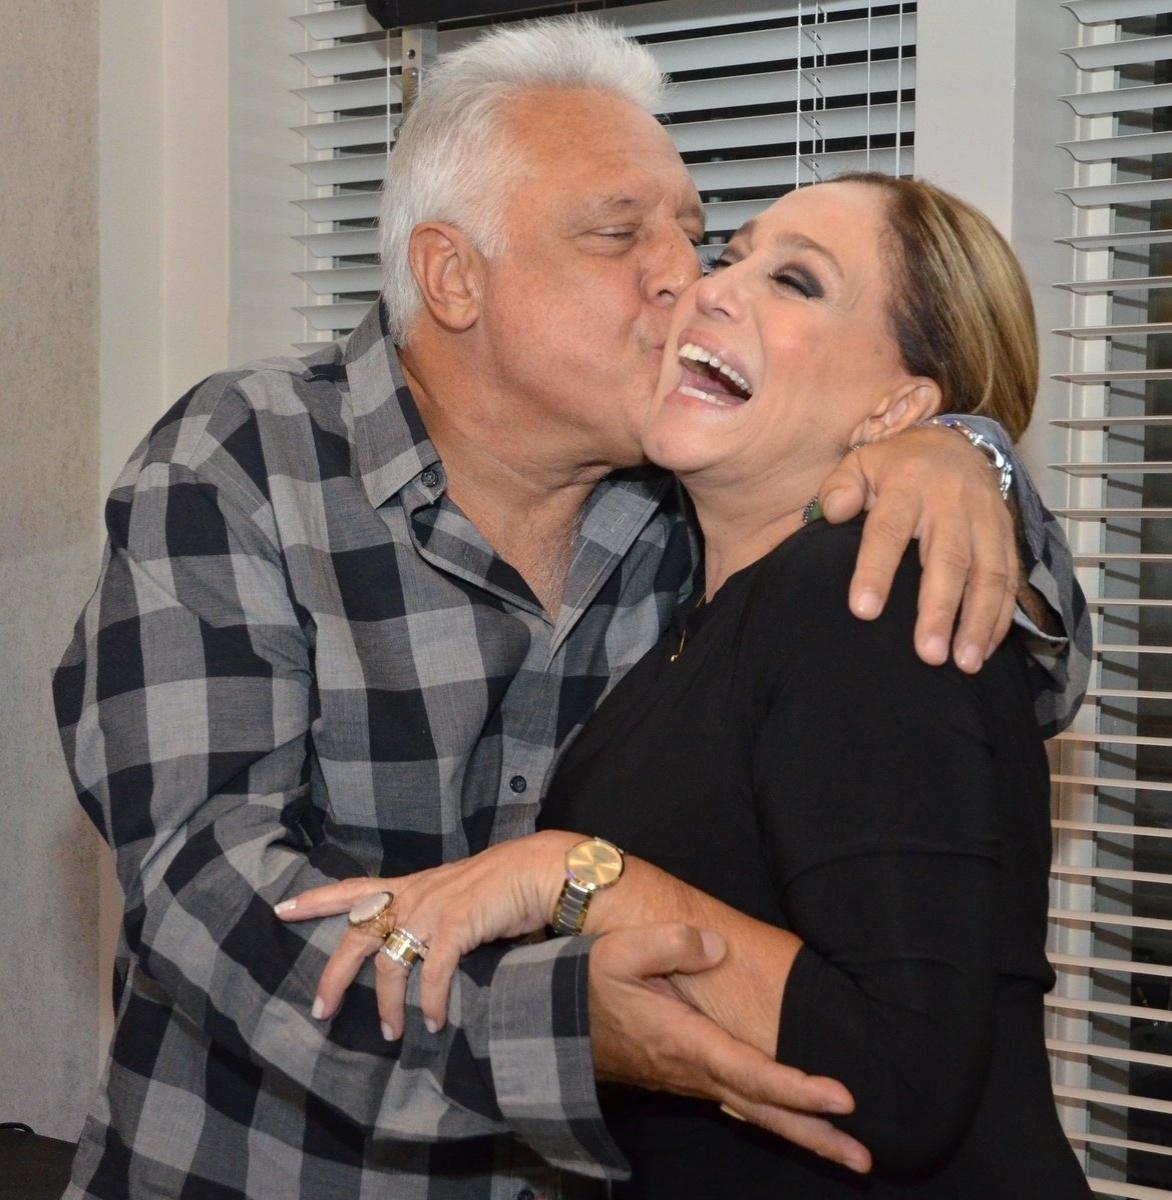 30.abr.2013 - Antônio Fagundes dá beijo em Susana Vieira na coletiva de lançamento da novela